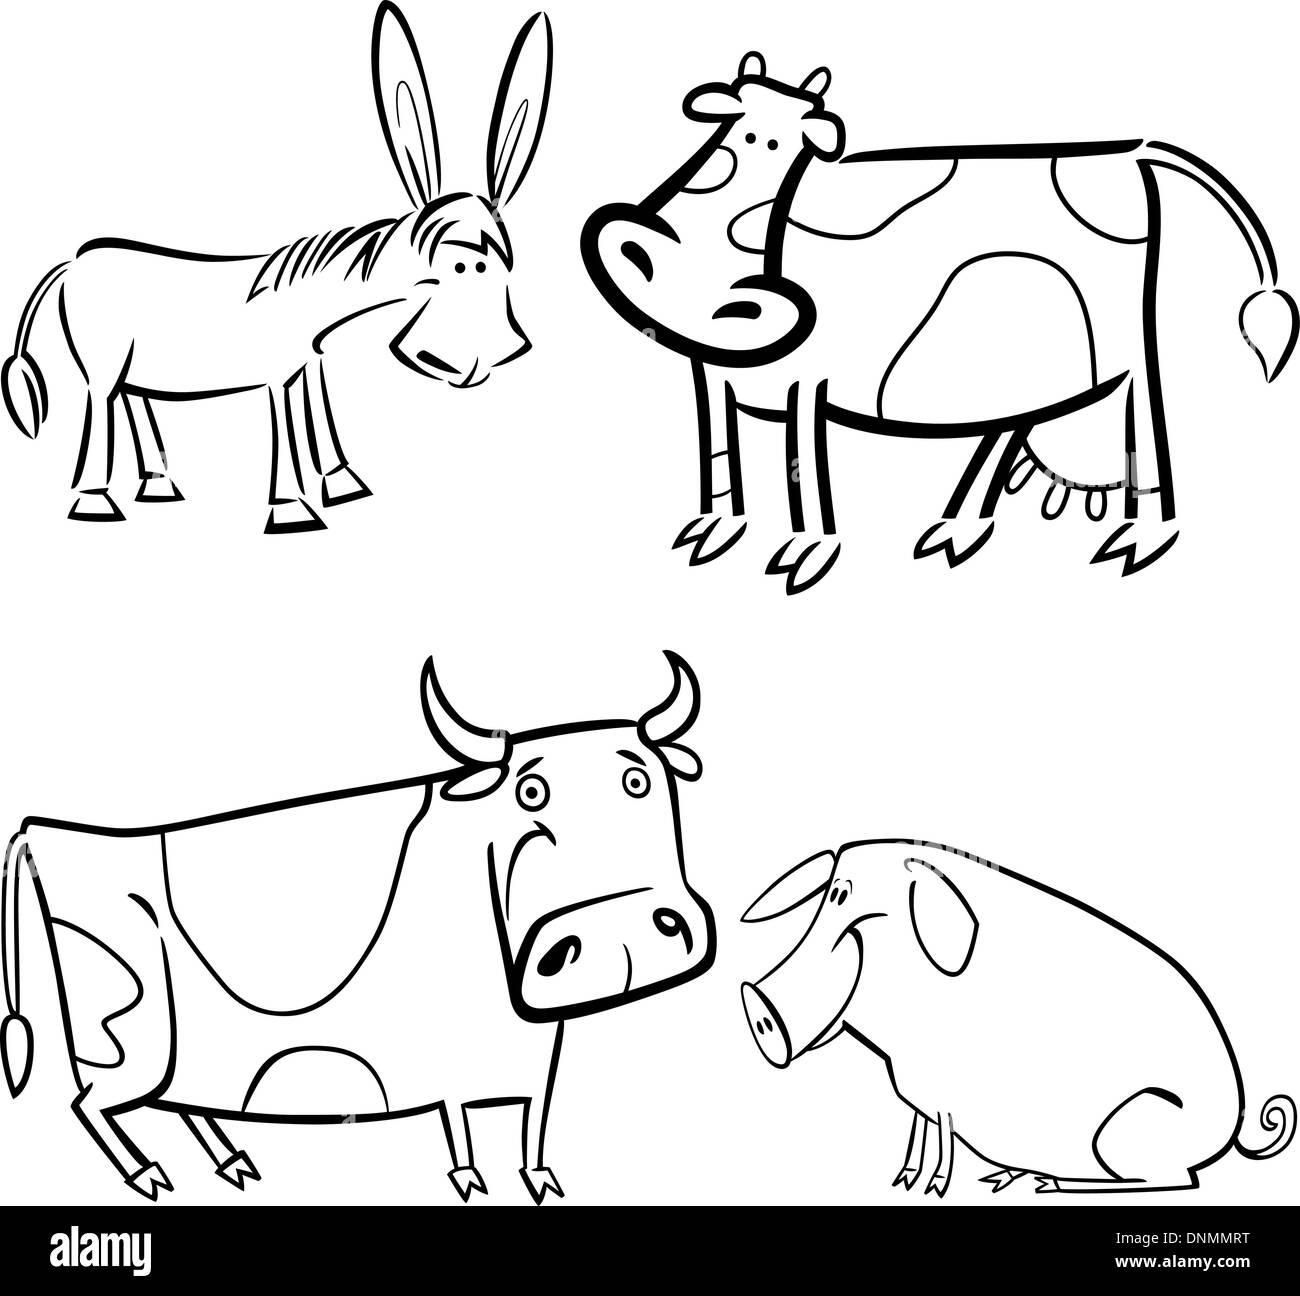 Ilustración De Dibujos Animados De Cuatro Lindos Animales De Granja